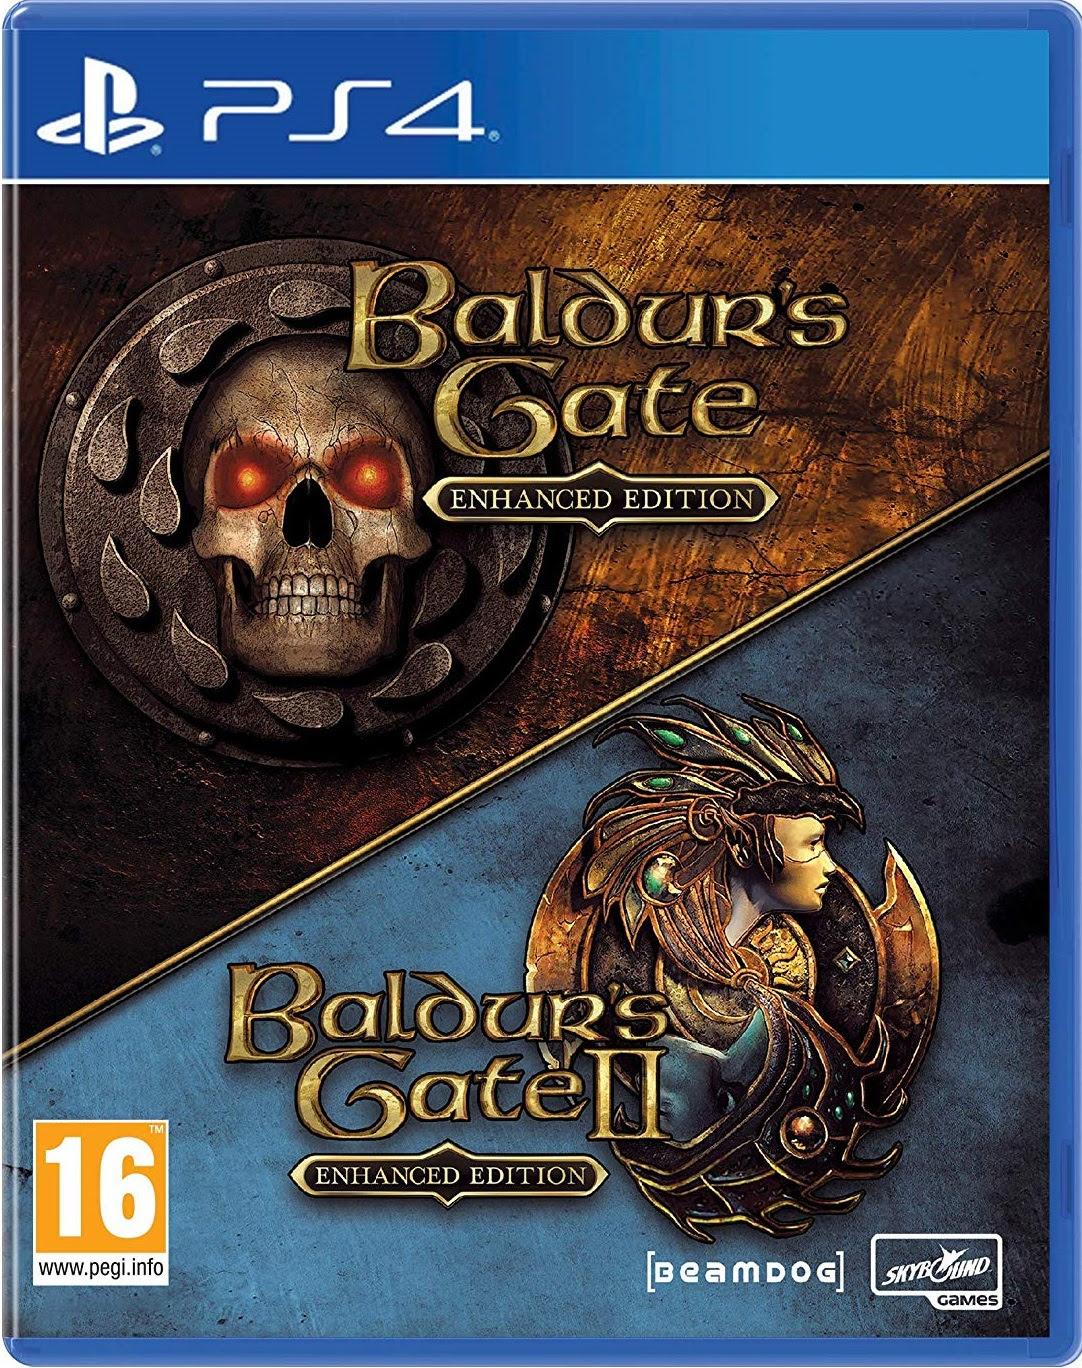 Baldurs Gate 1+2 Enhanced Edition - PlayStation 4 Játékok